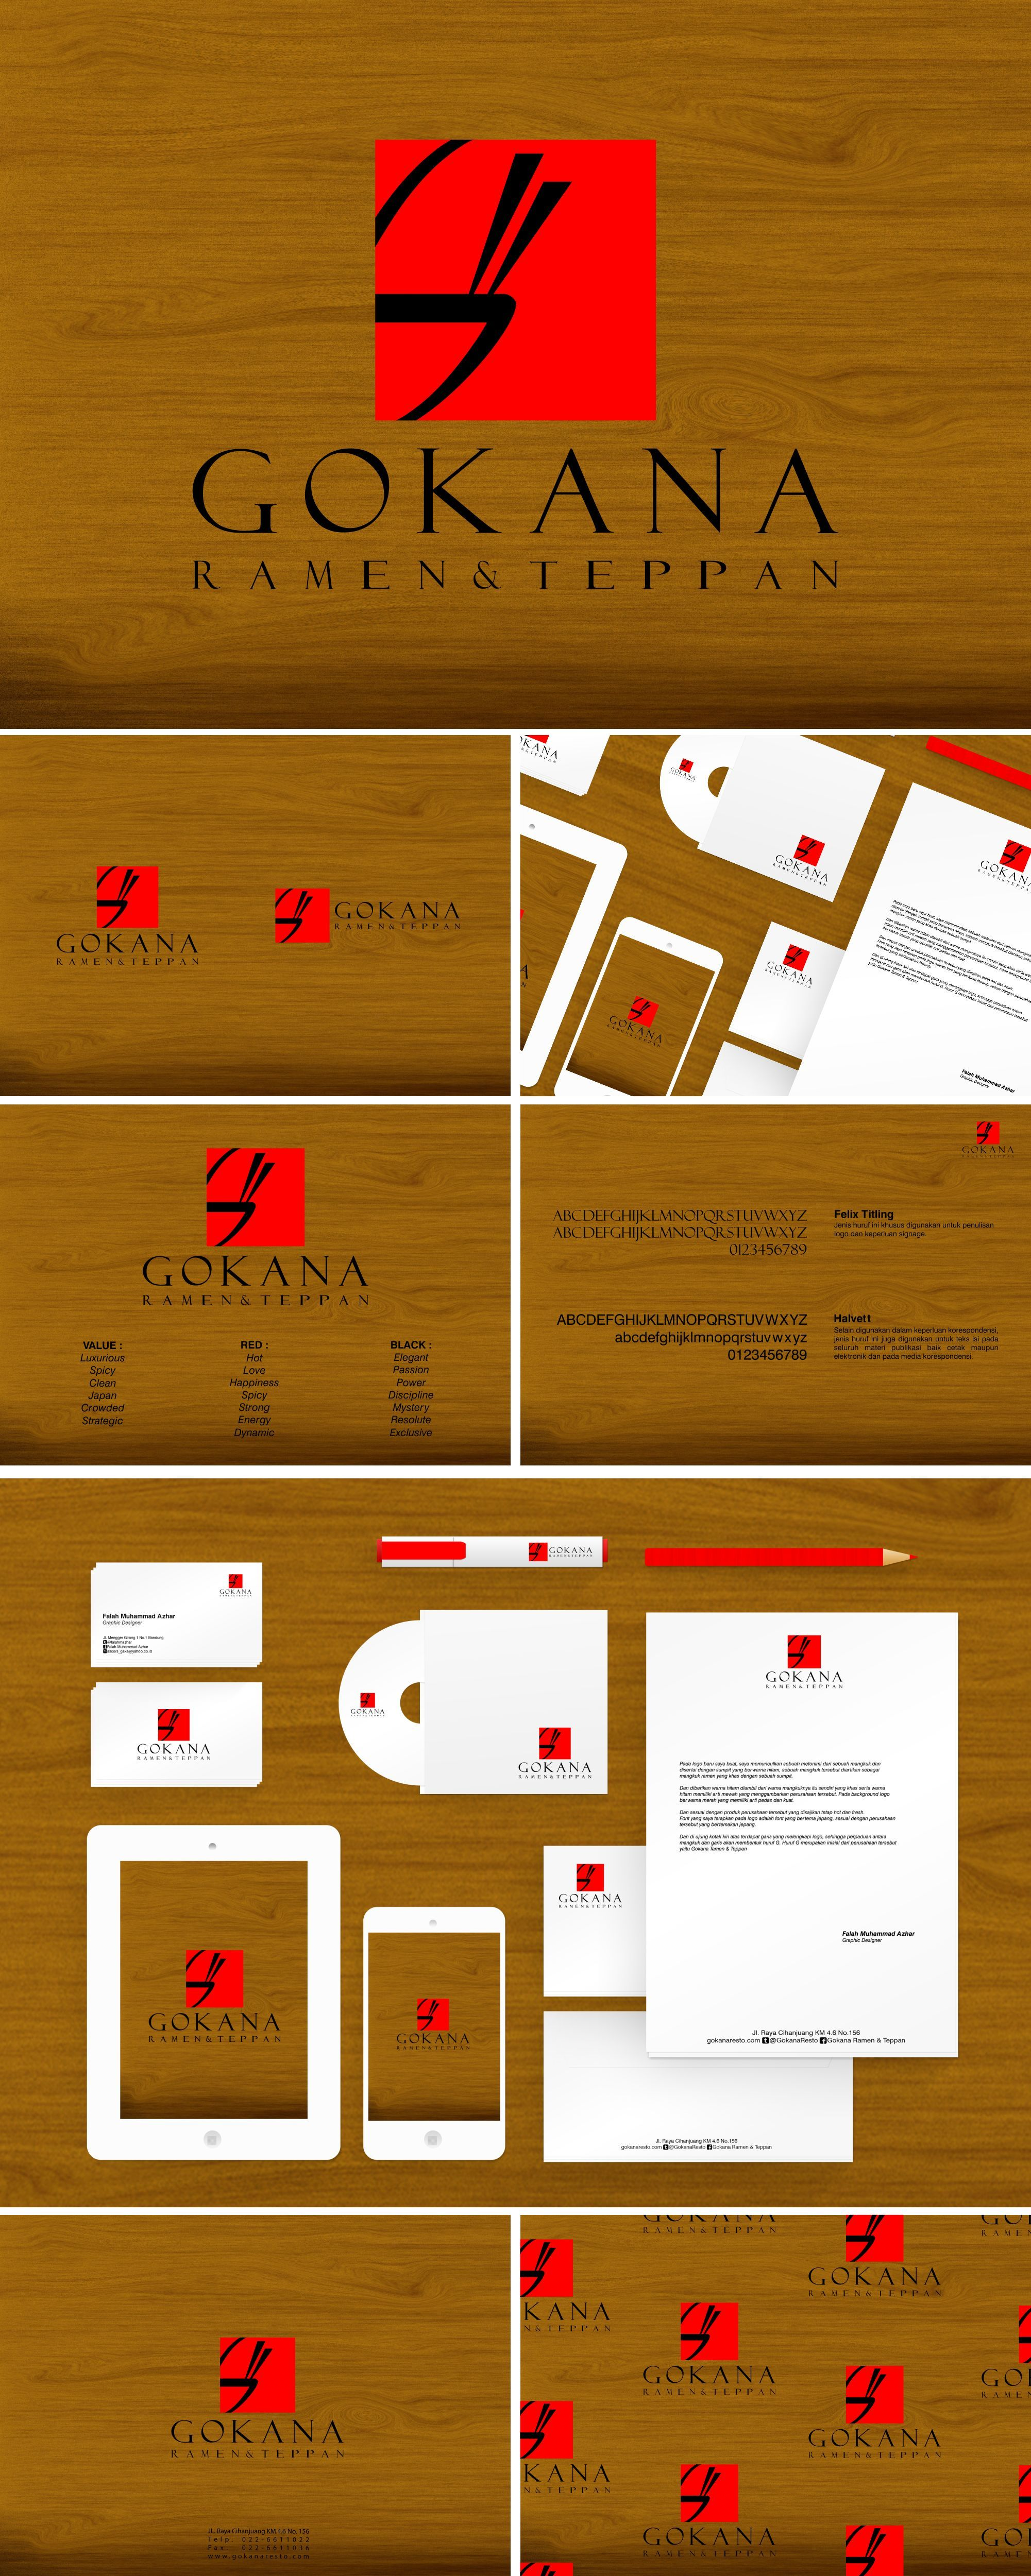 Re-Branding Gokana Ramen & Teppan...